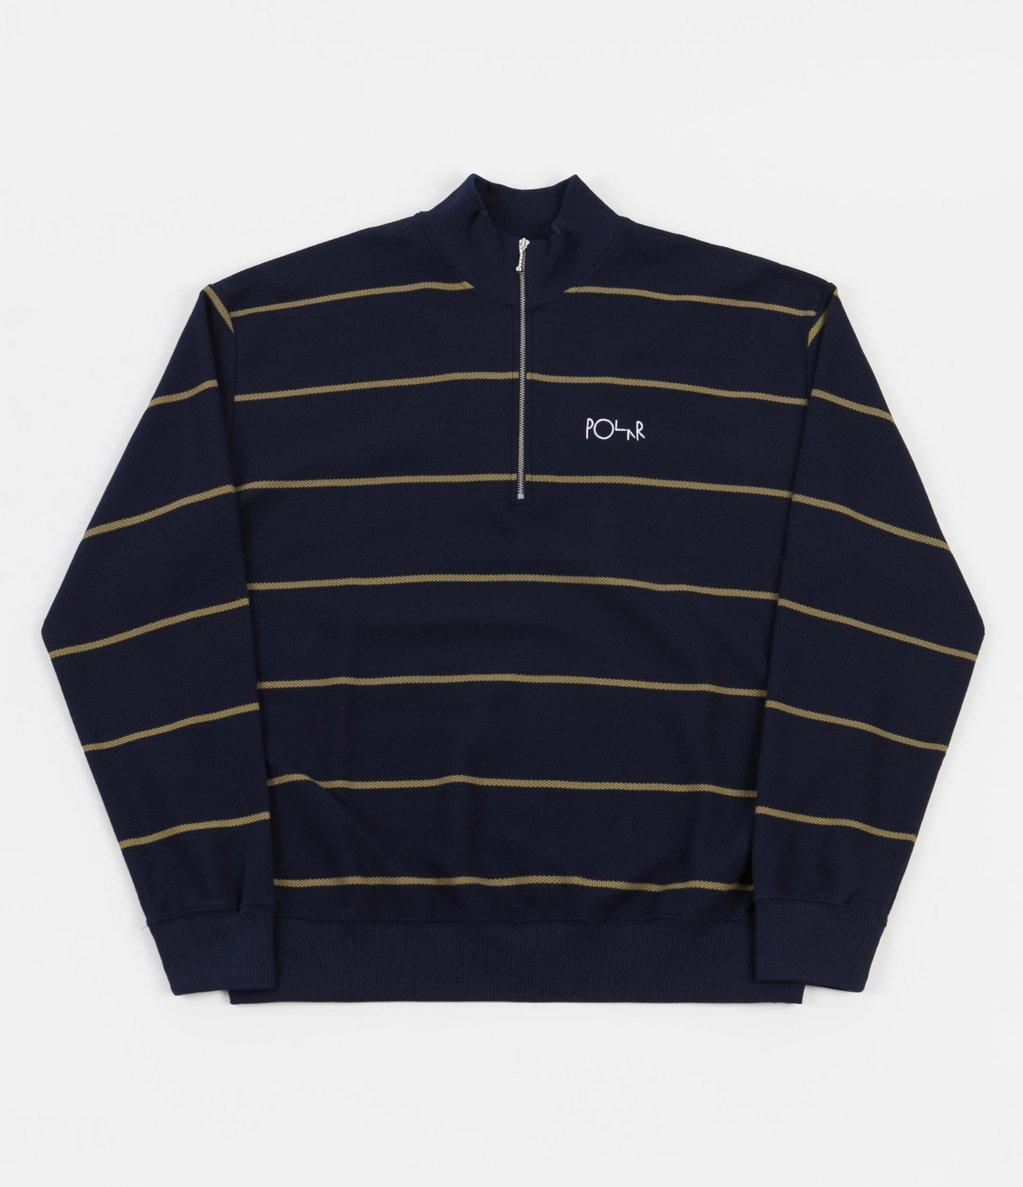 Polar Stripe Zip Neck Sweatshirt - Rich Navy